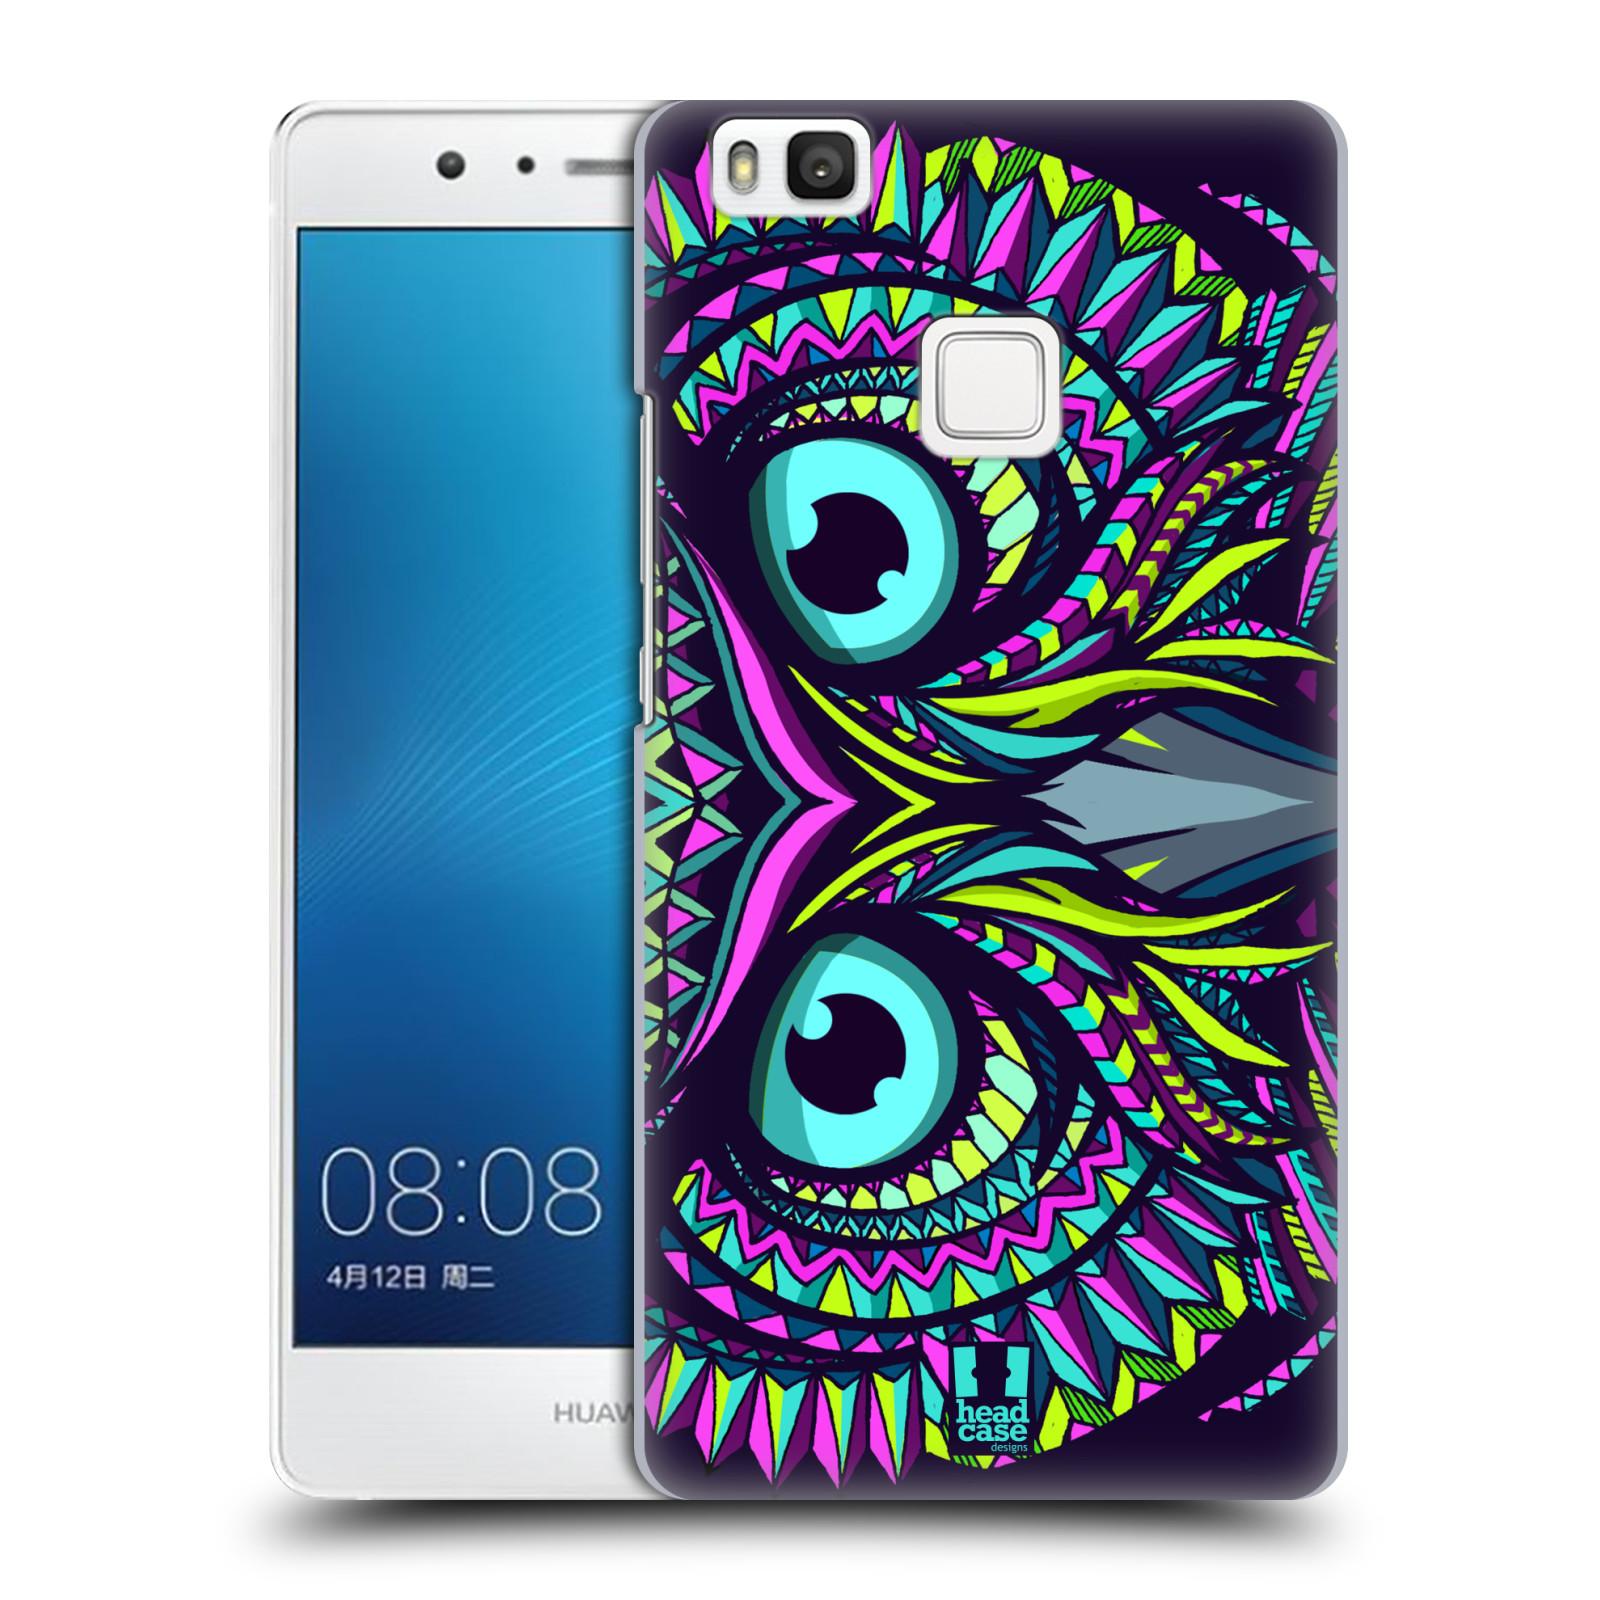 HEAD CASE plastový obal na mobil Huawei P9 LITE / P9 LITE DUAL SIM vzor Aztécký motiv zvíře sova